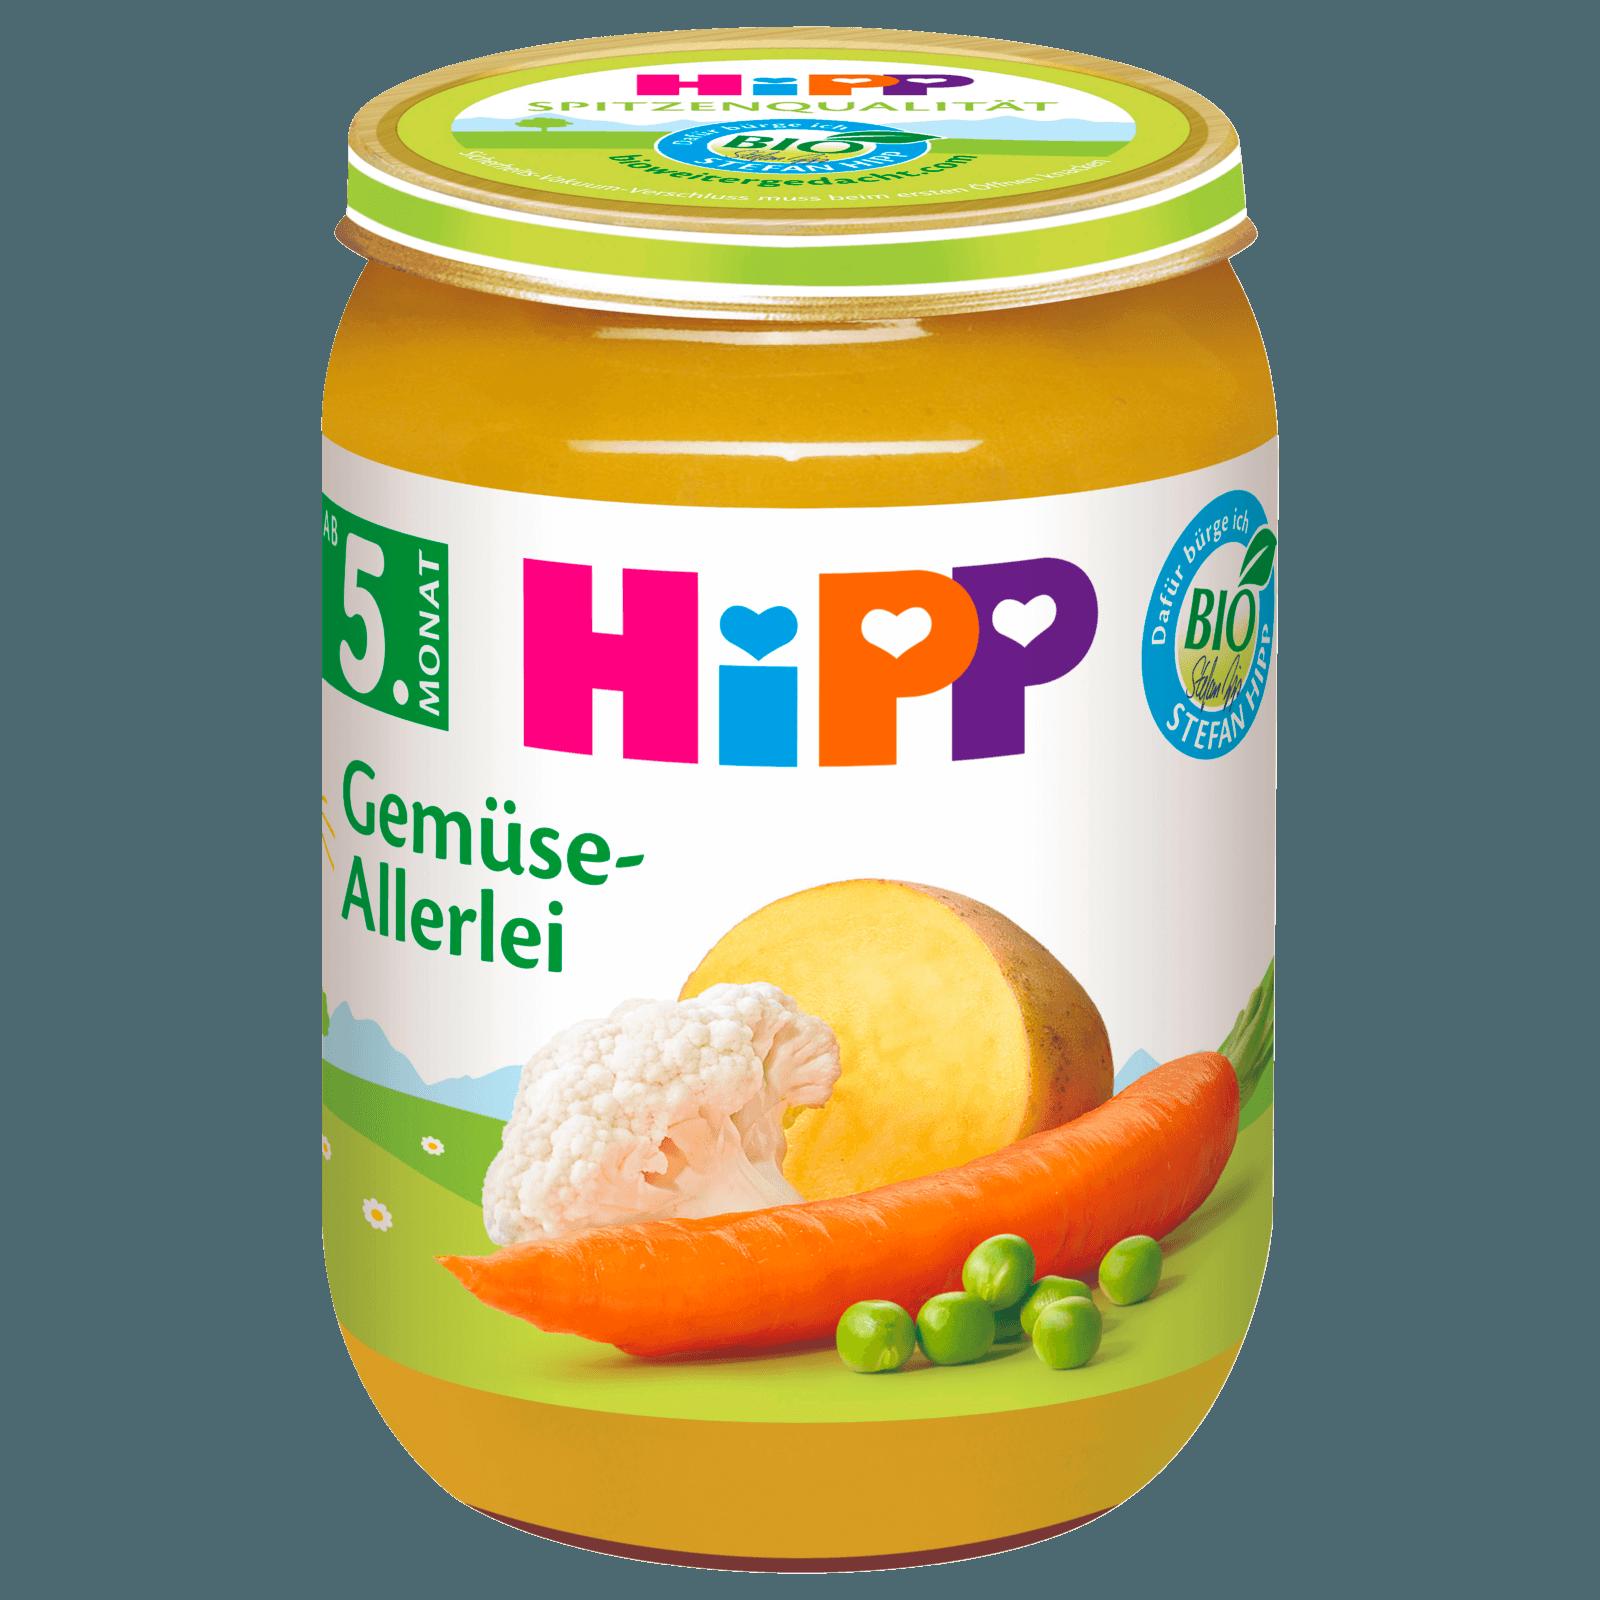 Hipp Gemüseallerlei 190g